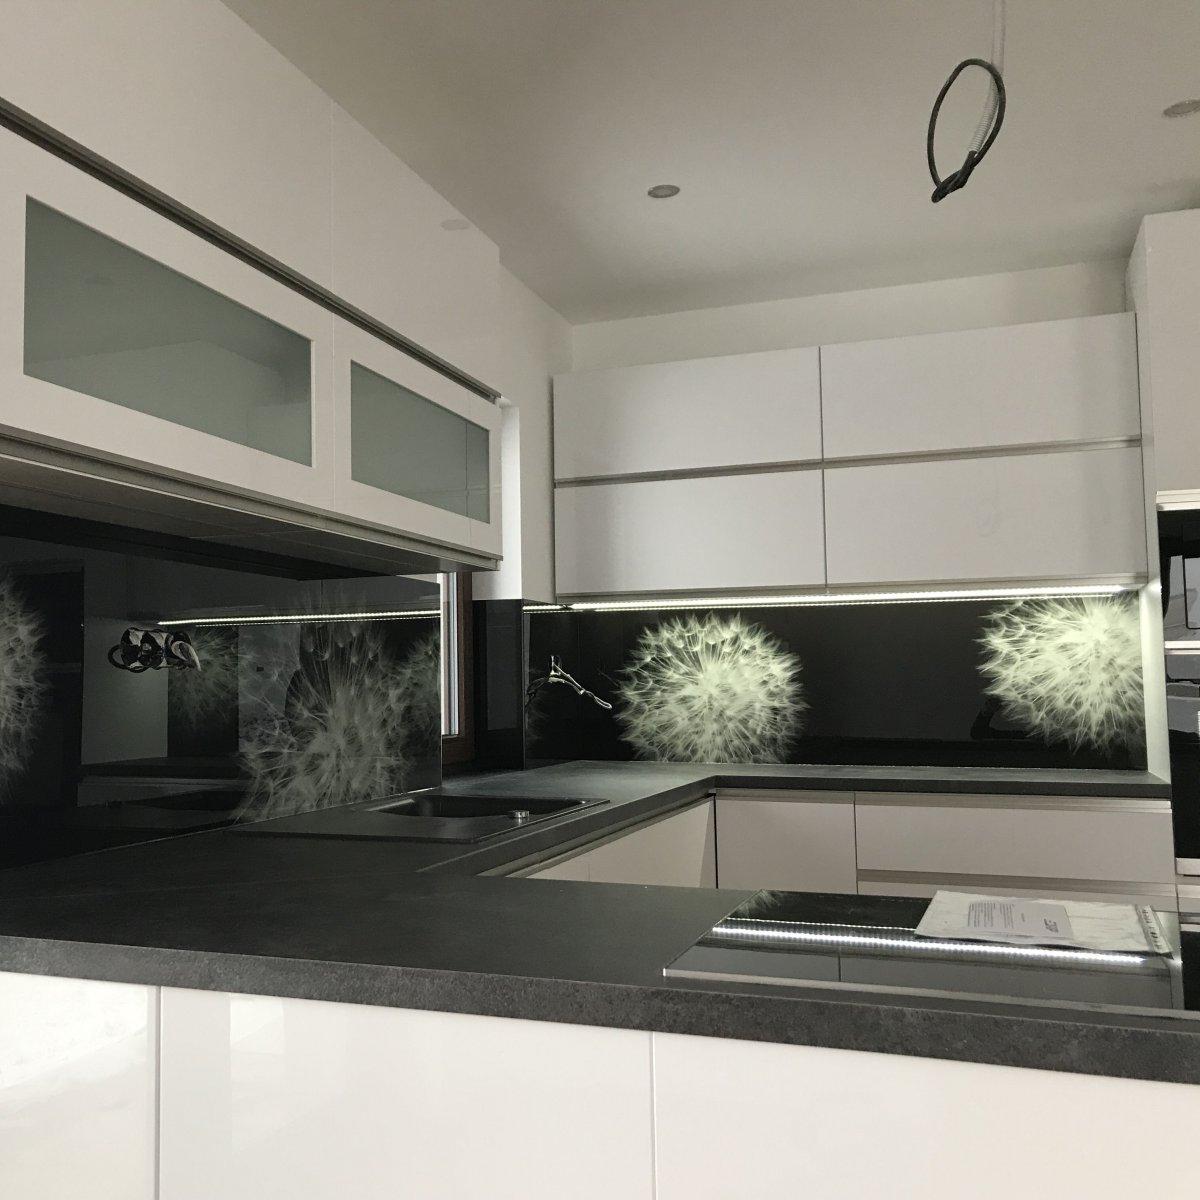 1ddbfdf8fed5 Sklo ako obklad nielen do kuchyne. Nahraďte tradičný keramický obklad  súvislou sklenenou plochou ...